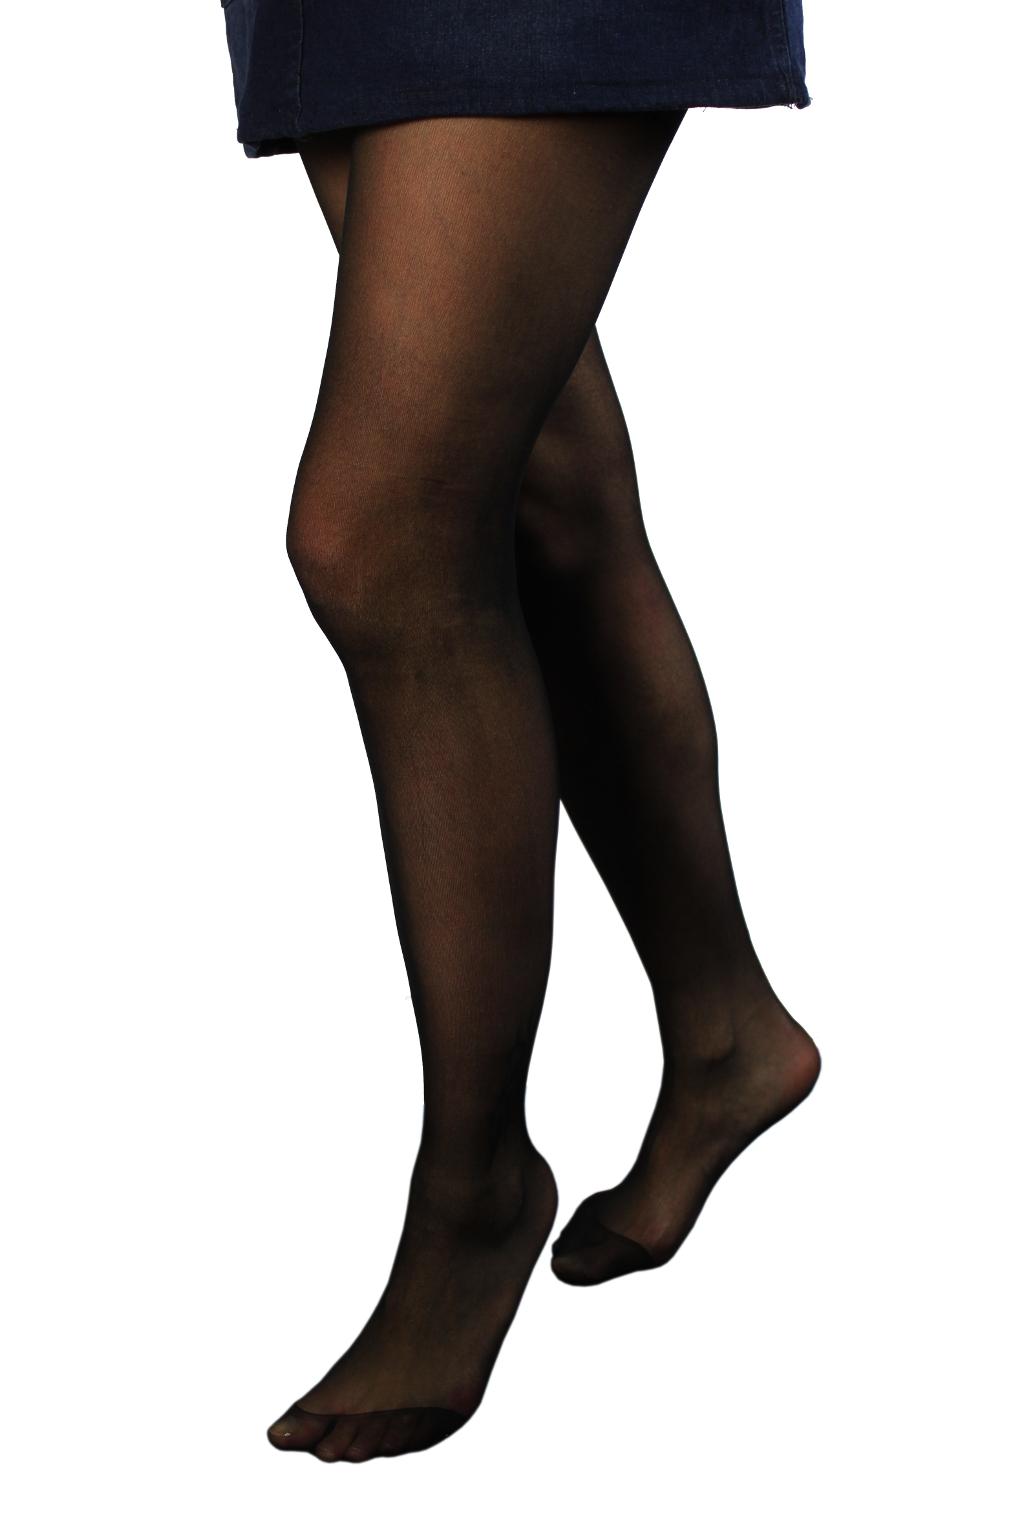 Klasické Panty Hose silonky 20 DEN XL černá